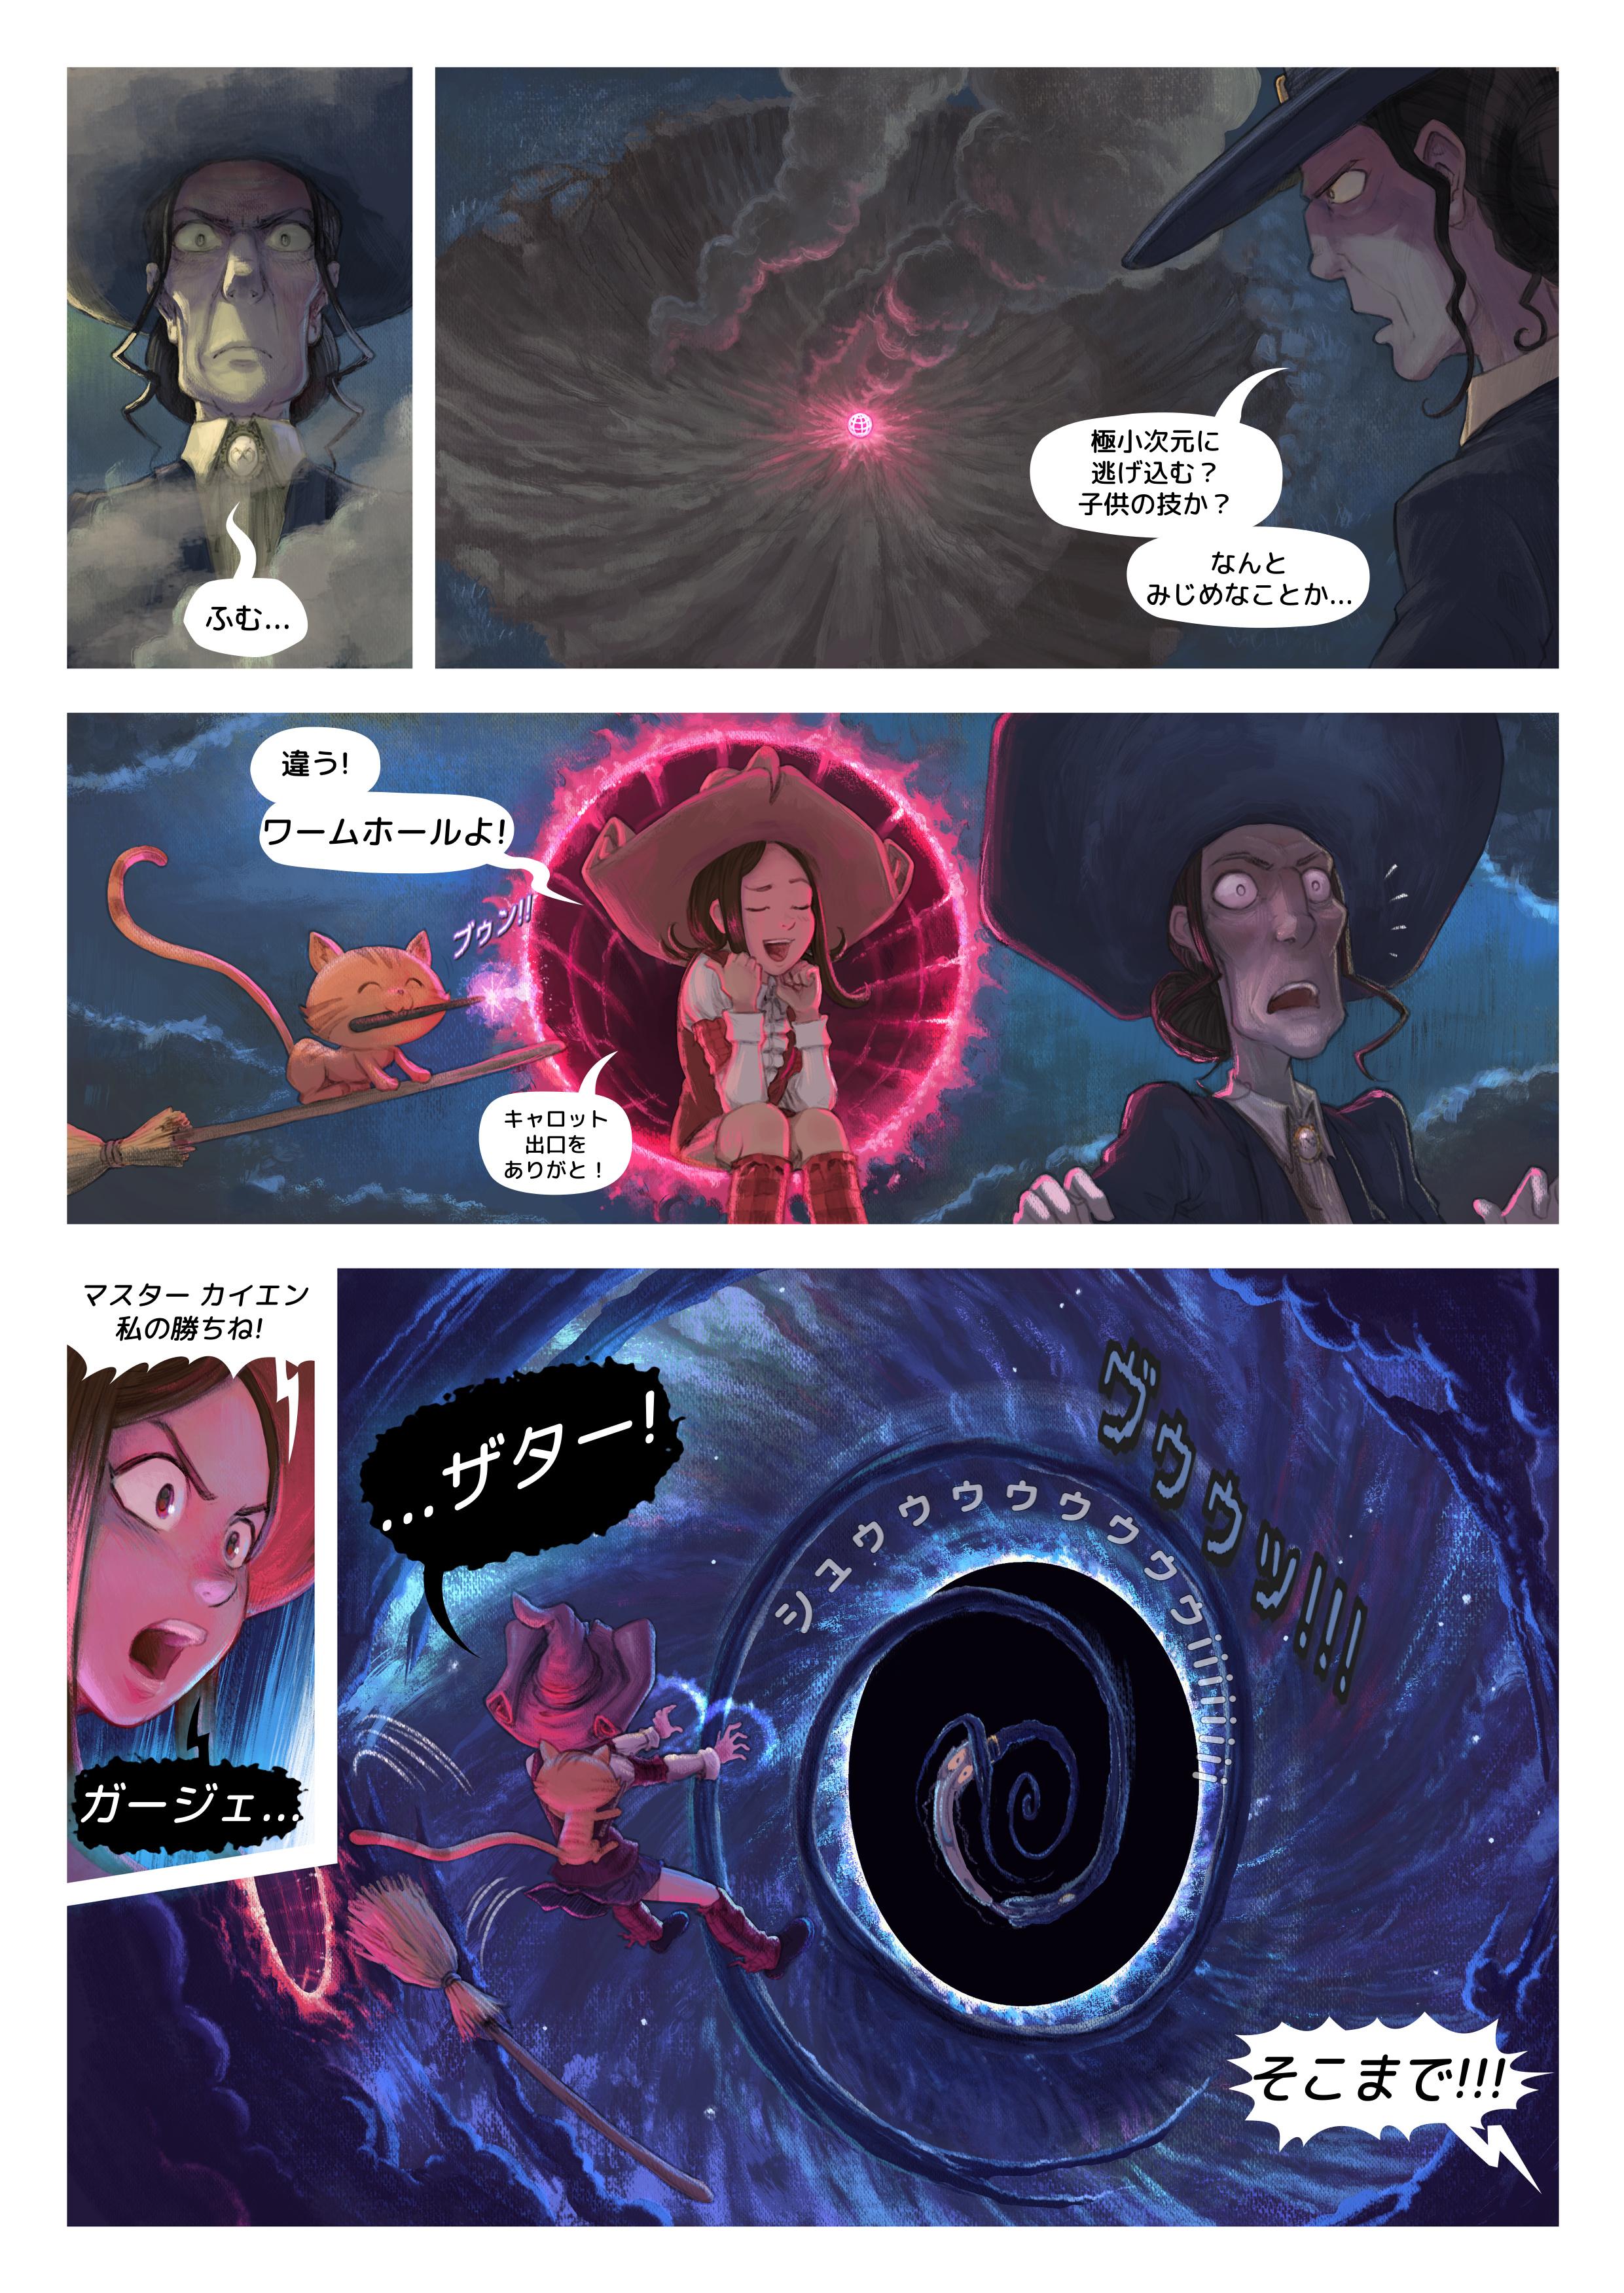 エピソード 31: 決戦, ページ 5